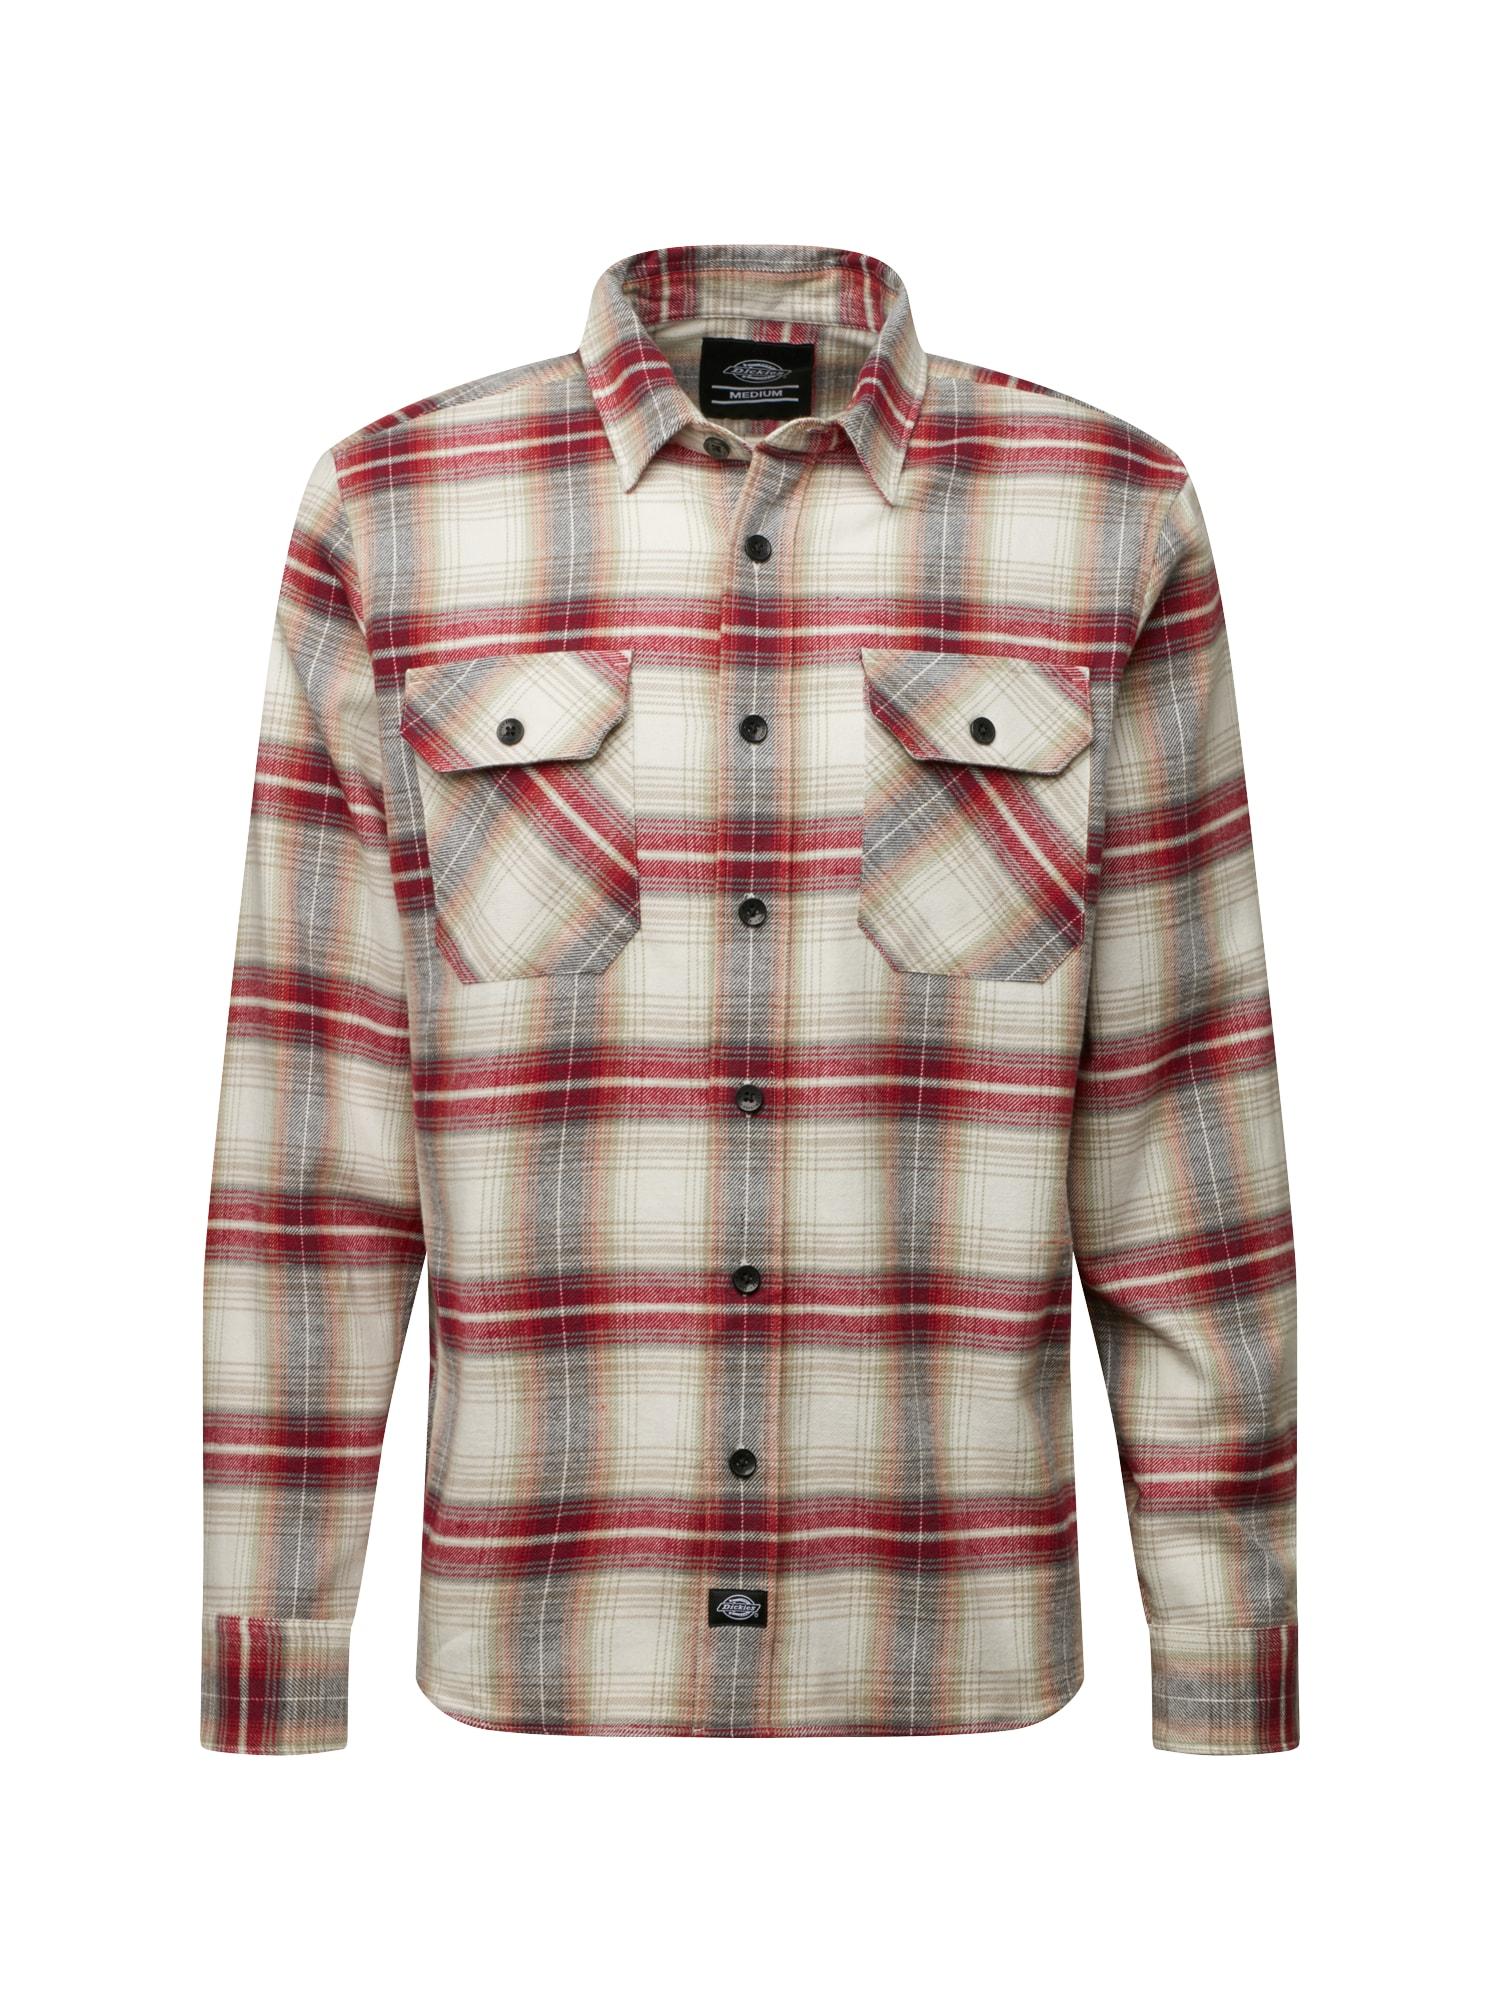 Košile Canaan hnědá šedá červená DICKIES